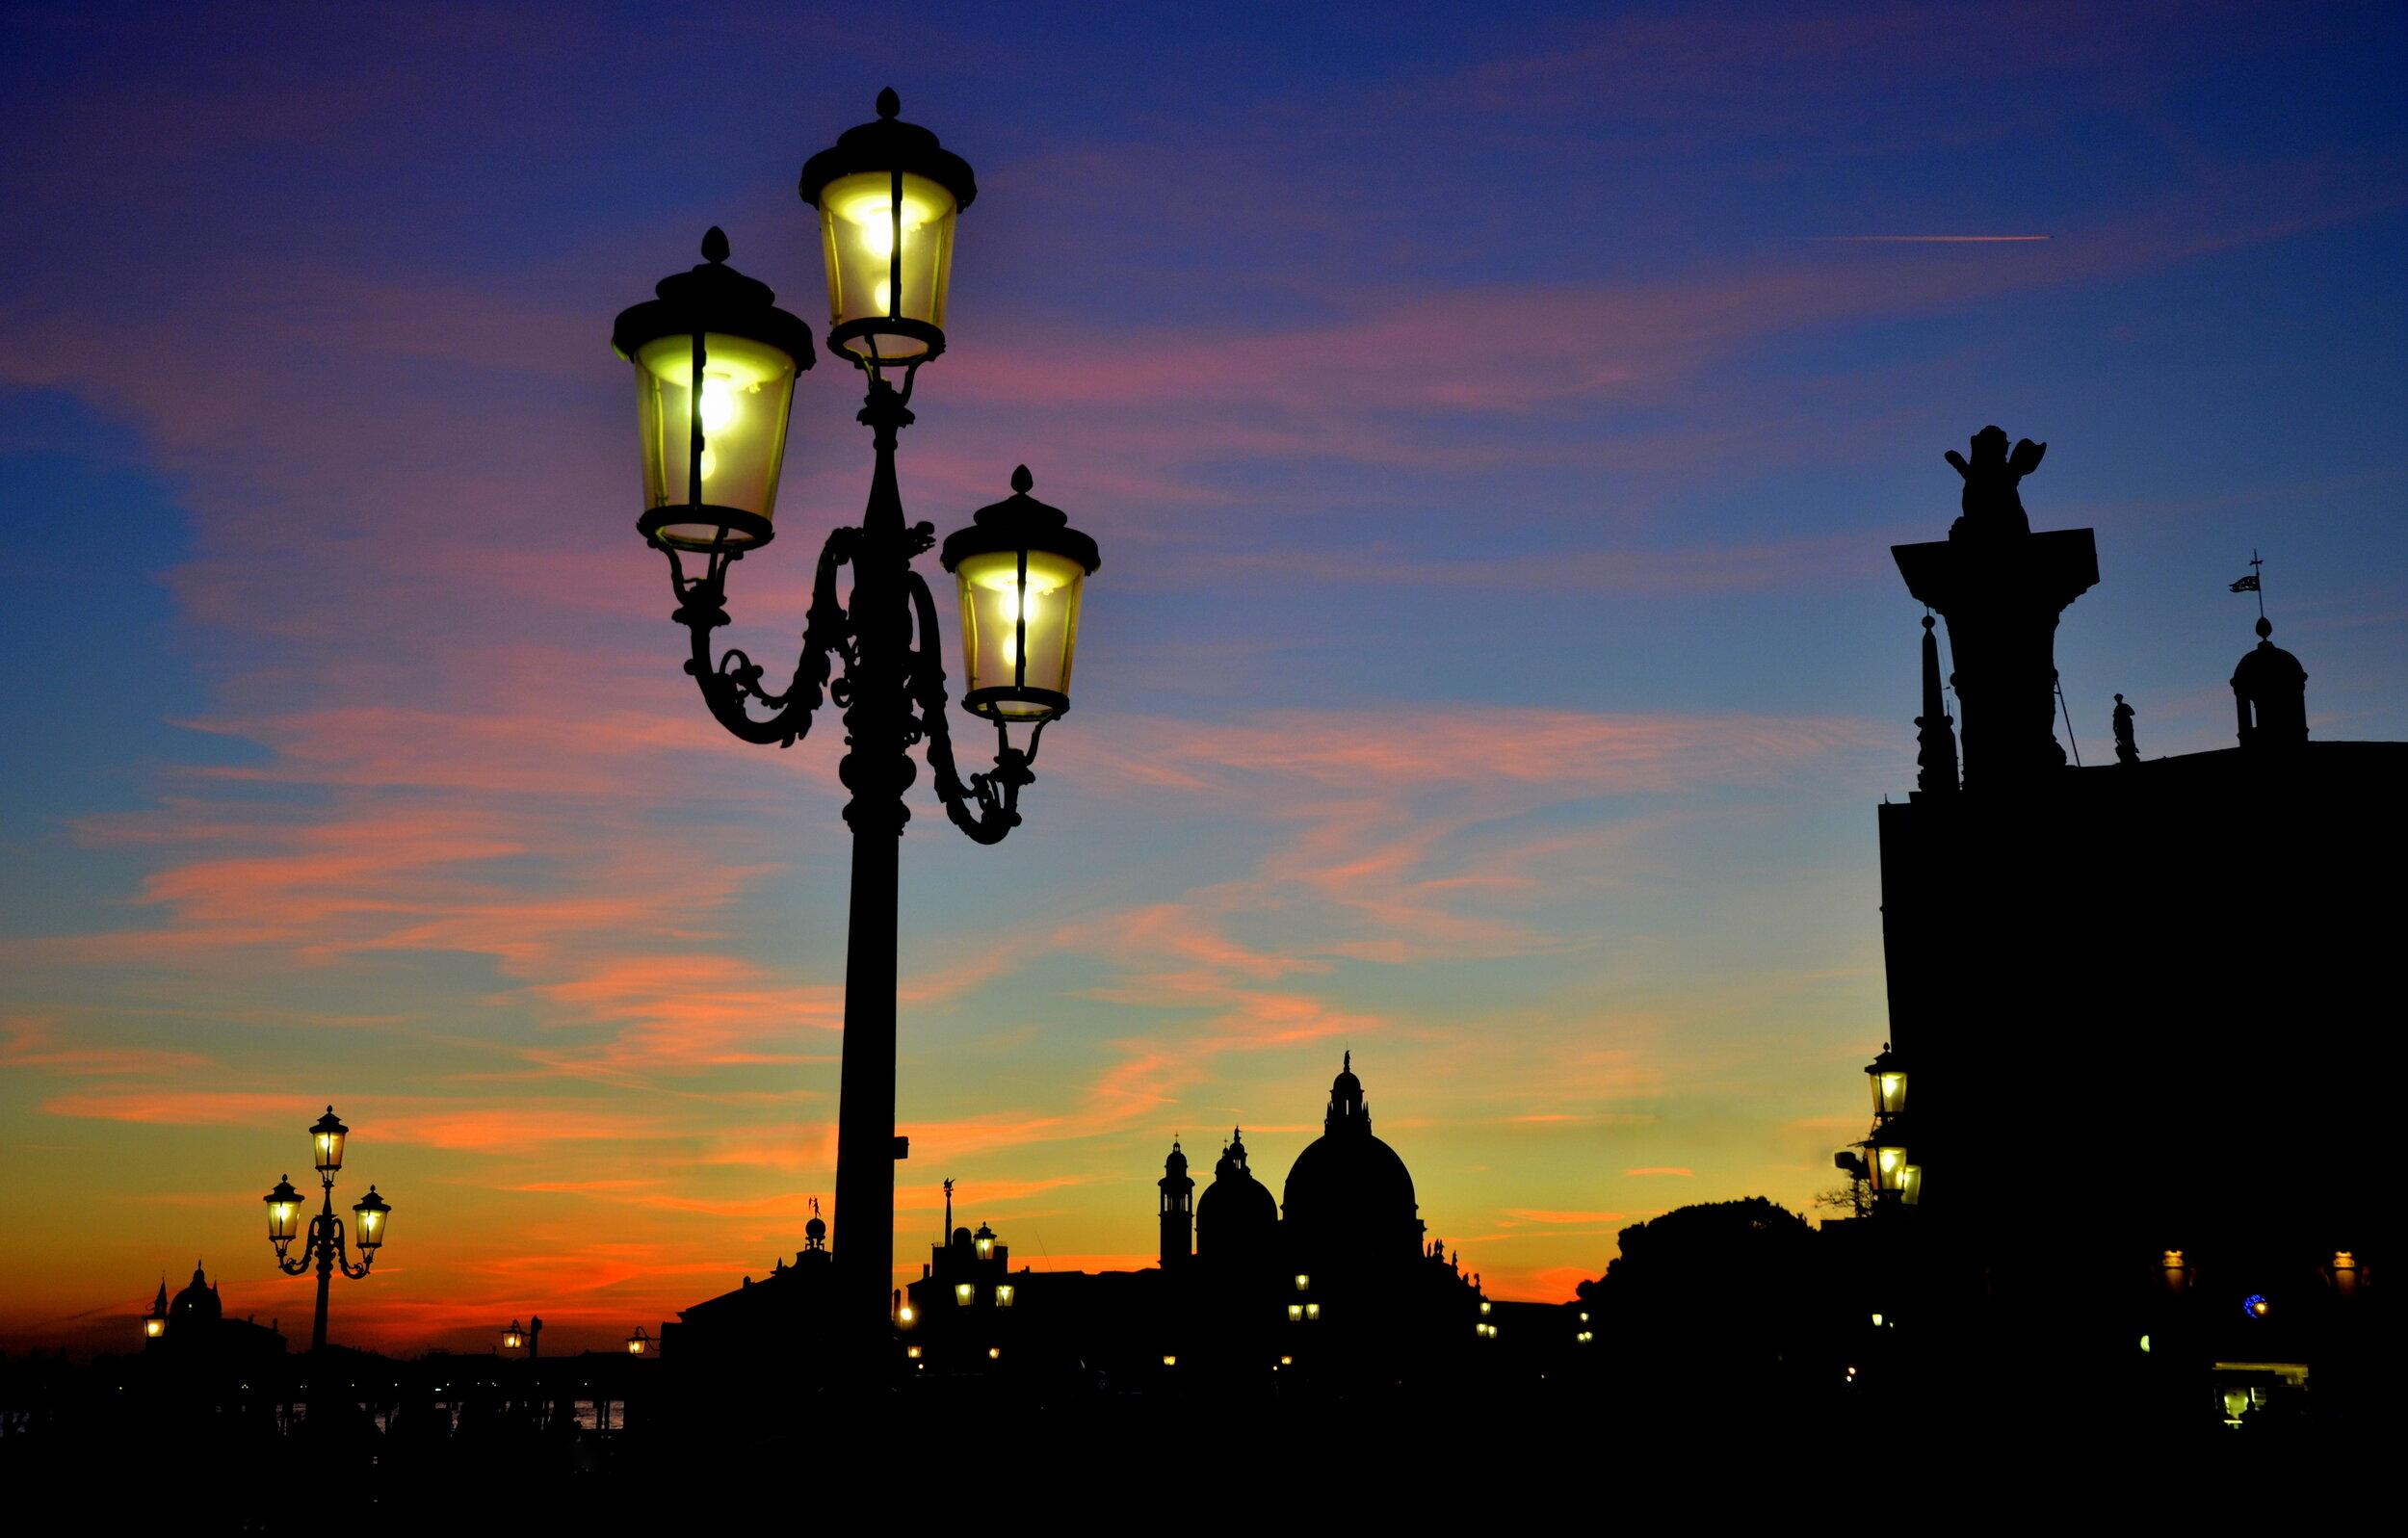 Salute Sunset, Venice